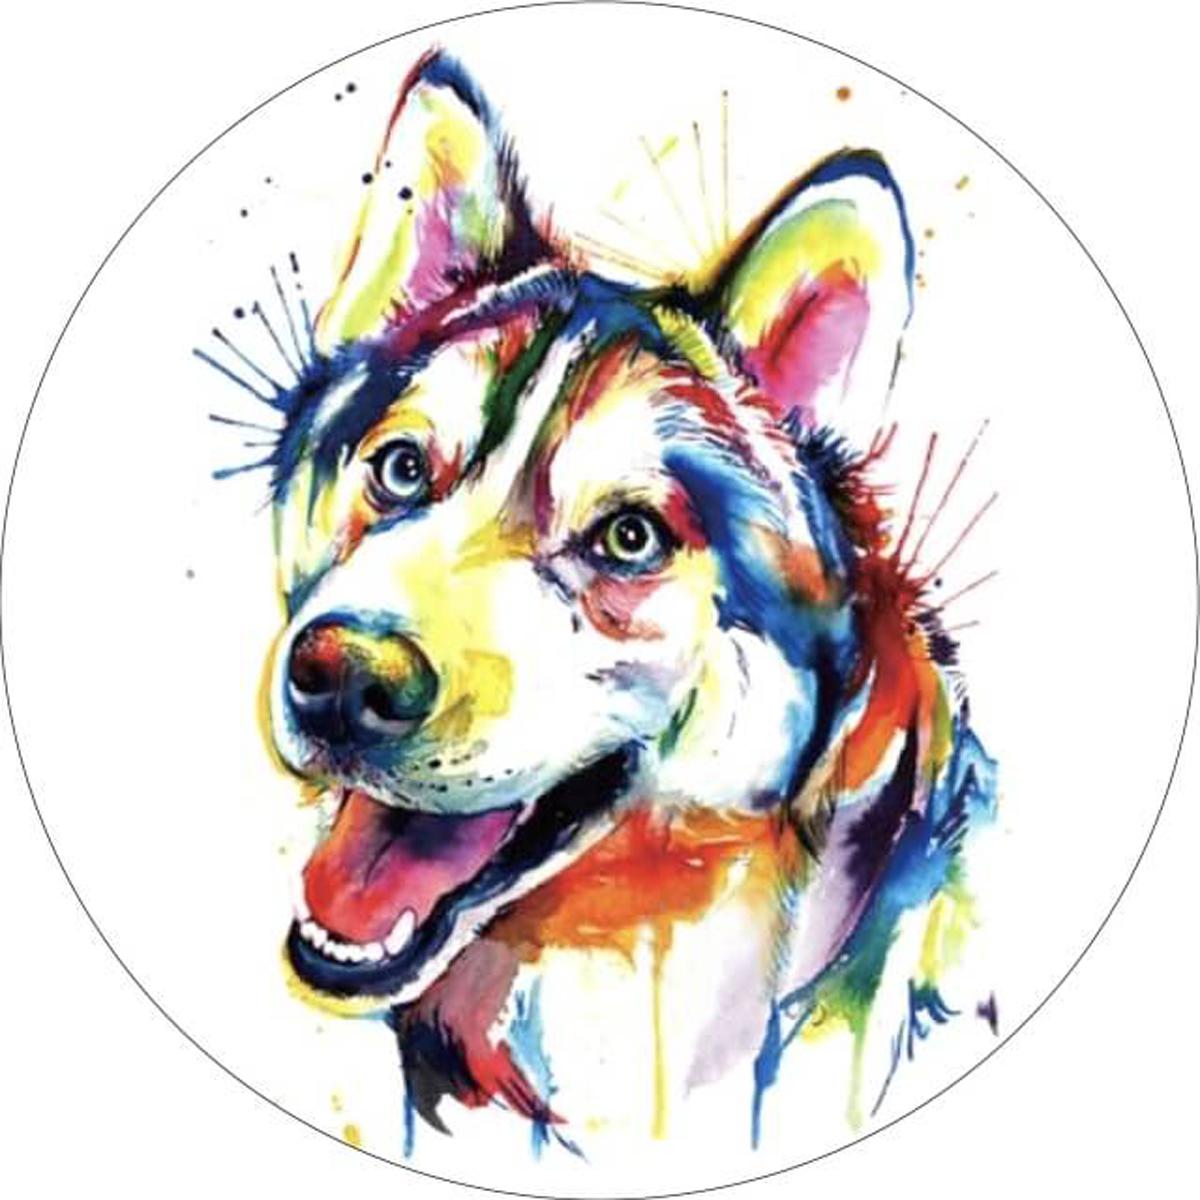 Набор для вышивания крестиком Цветной Разноцветный щенок, 28 х 28 см канва с рисунком для вышивания орхидеи 28 х 34 см 1316